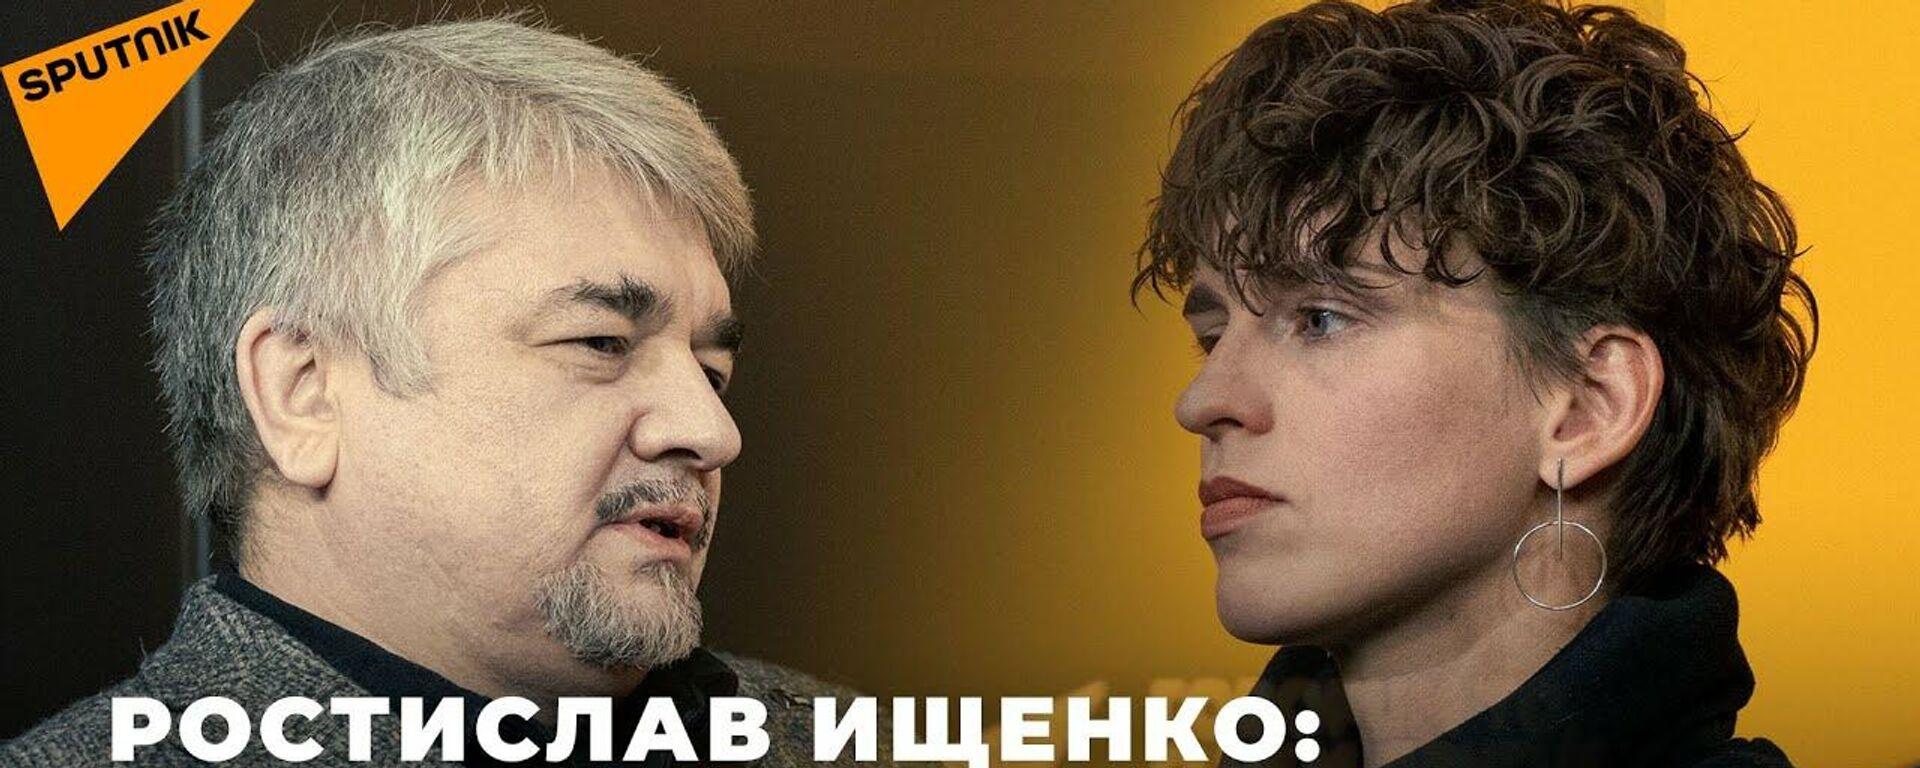 Ищенко: Россия не собирается тащить Афганистан из каменного века - Sputnik Узбекистан, 1920, 14.07.2021